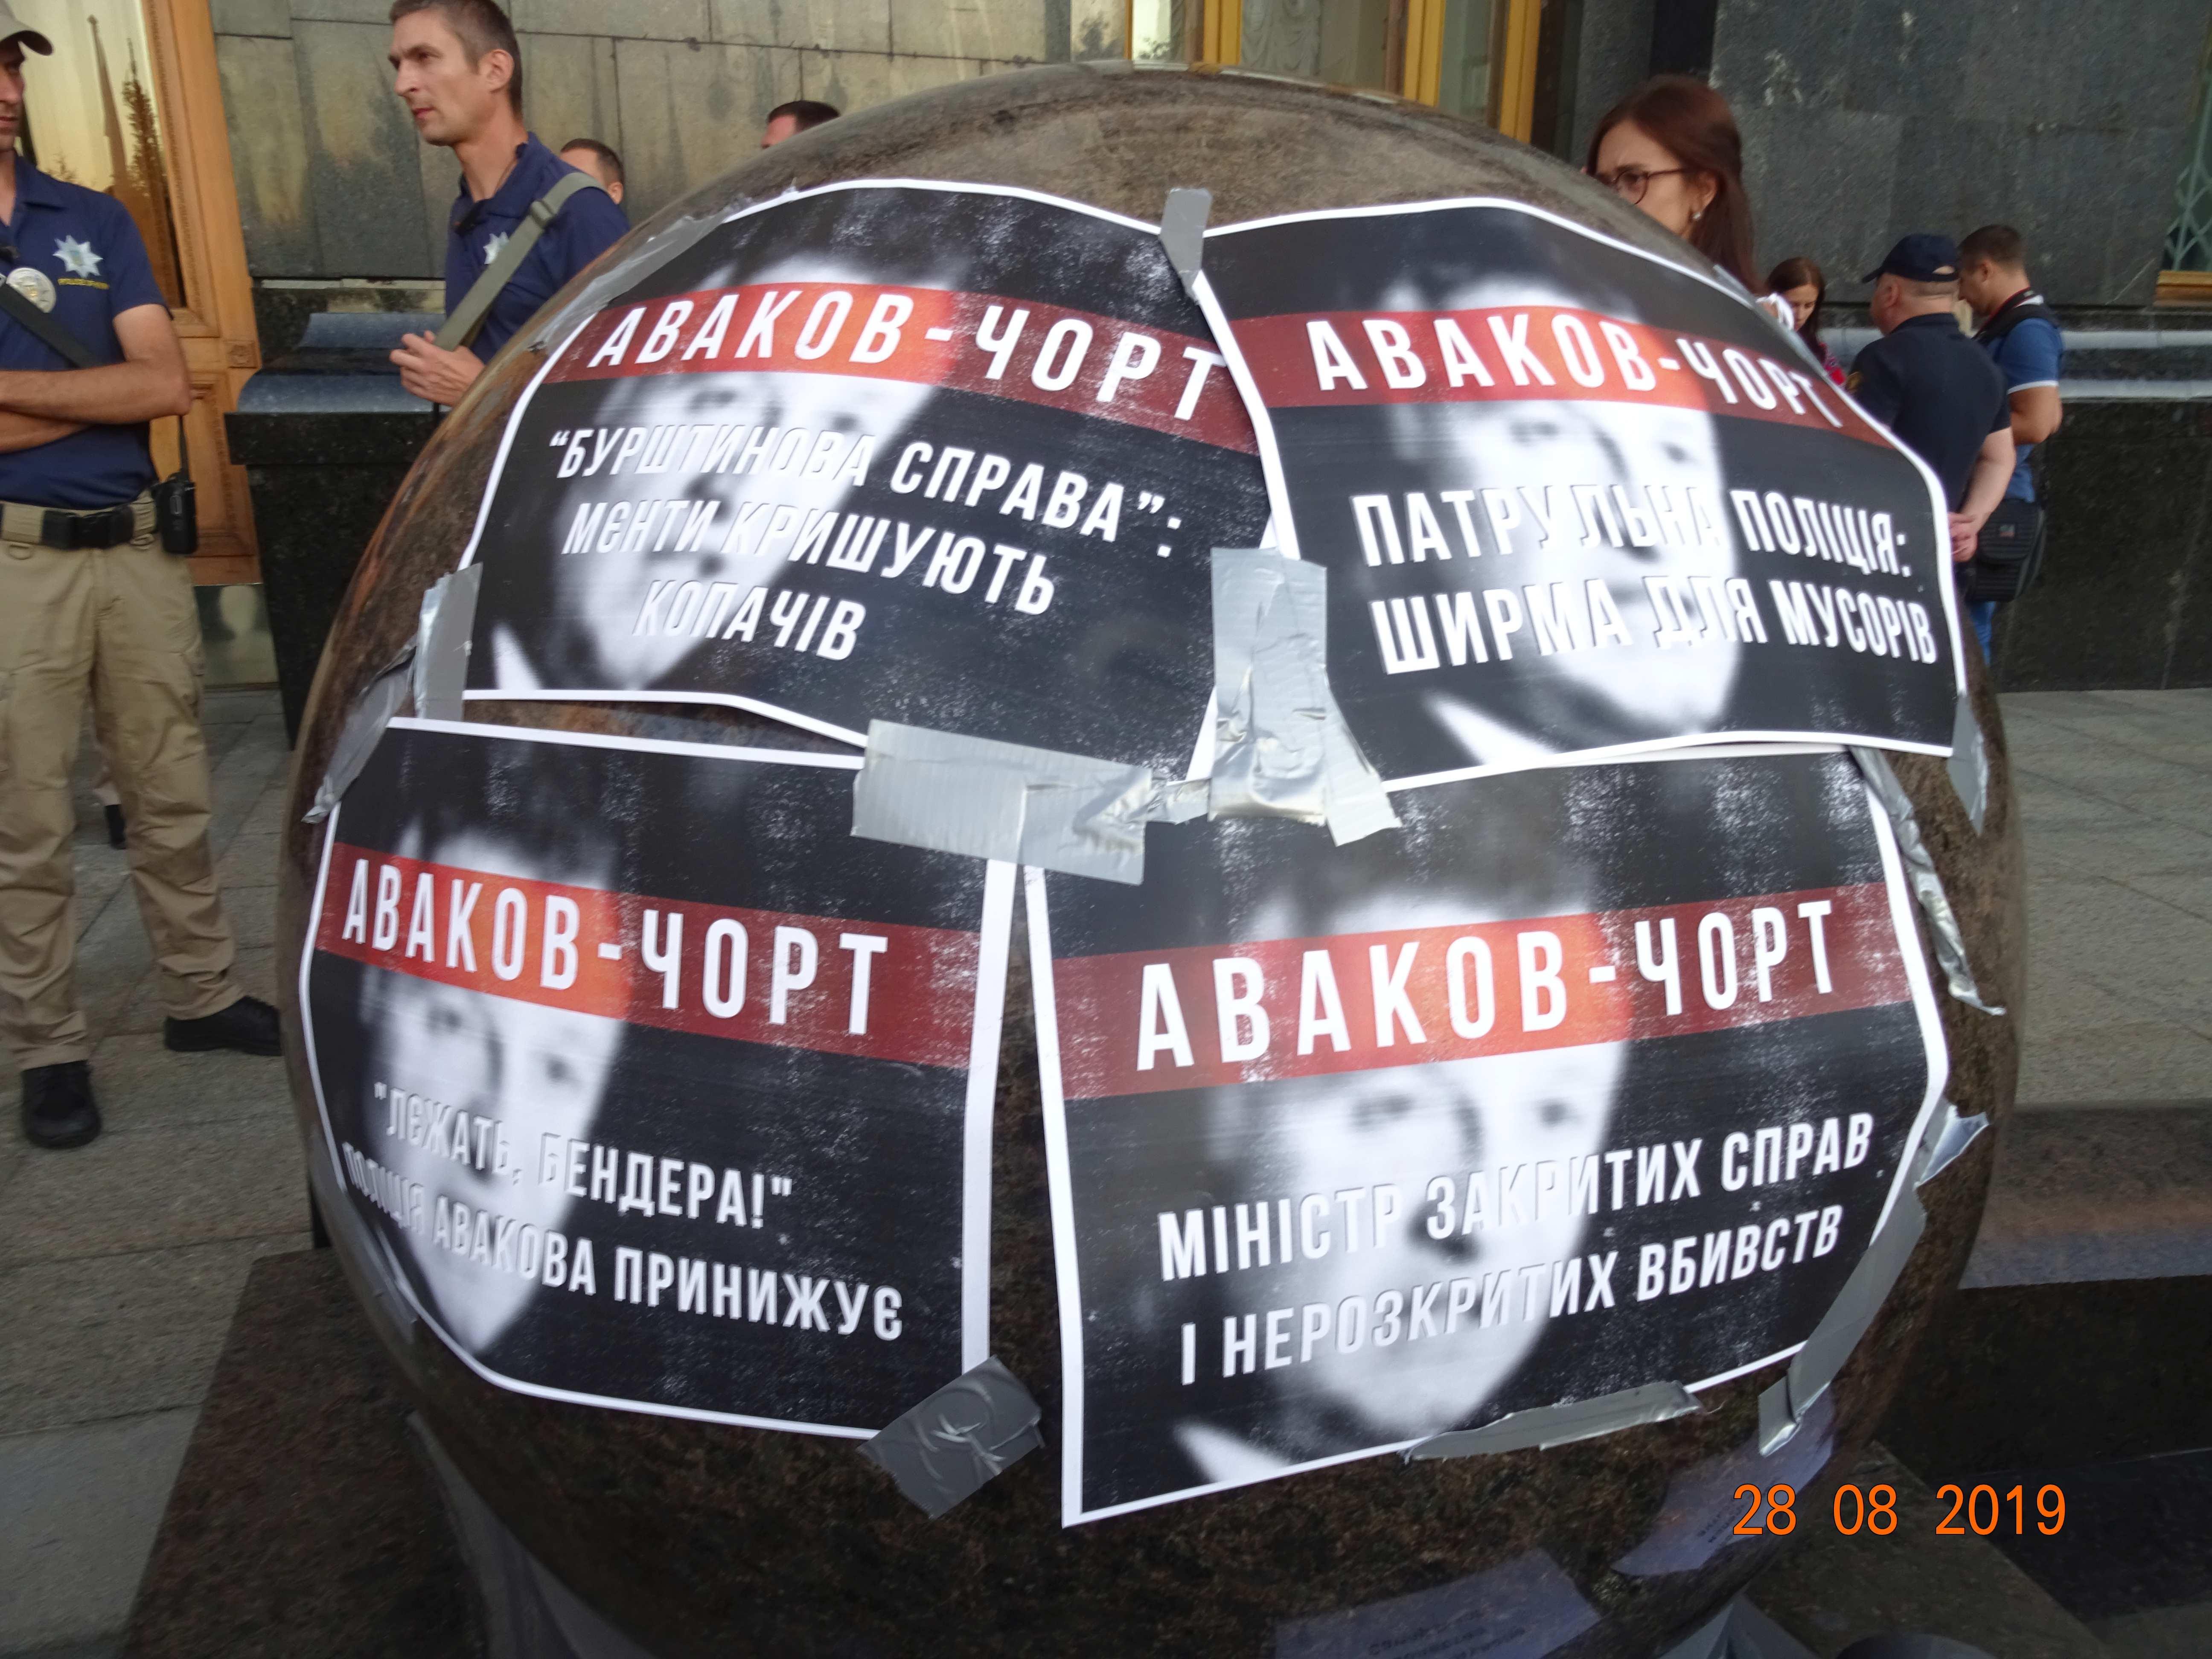 Avakov-Chort-Devil - Avakov-Chort-Devil-image023.jpg